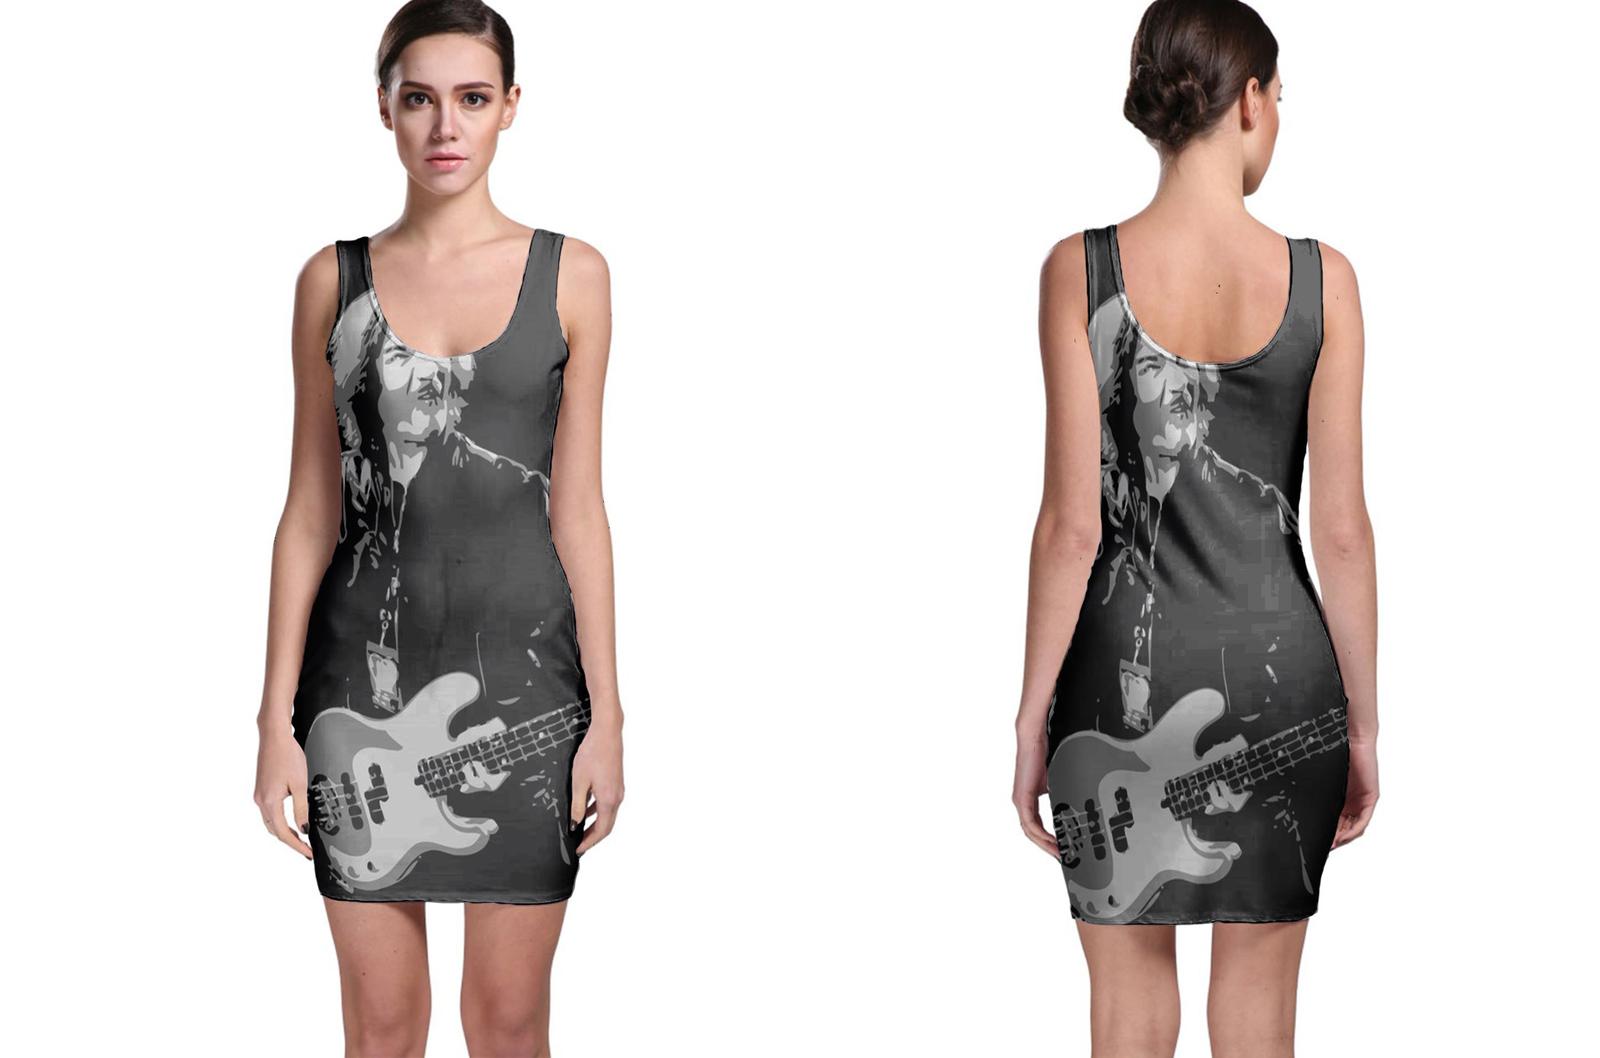 Ian Gilian BlackSabbath Bodycon Dress